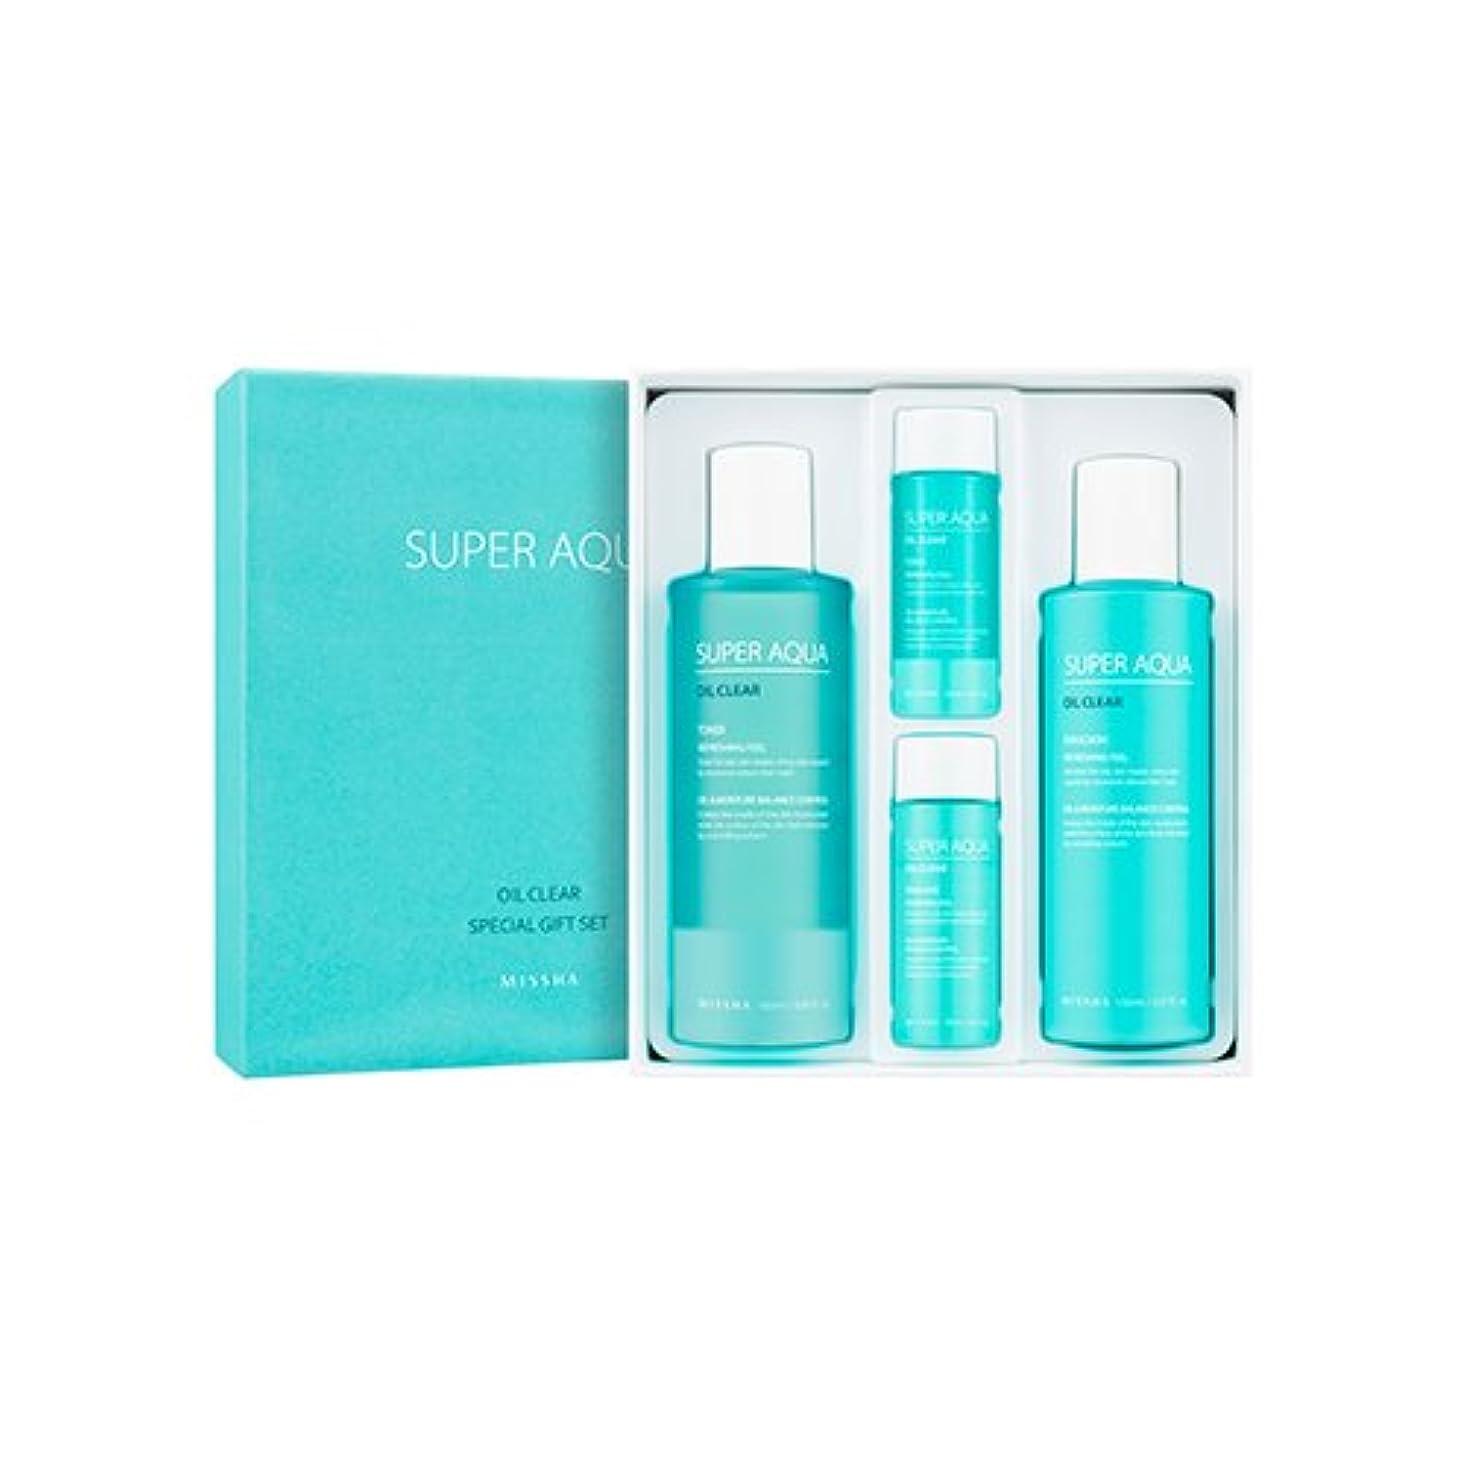 規模酔った環境に優しいMISSHA Super Aqua Oil Clear Special Gift Set/ミシャ スーパーアクアオイルクリアスペシャルギフトセット [並行輸入品]